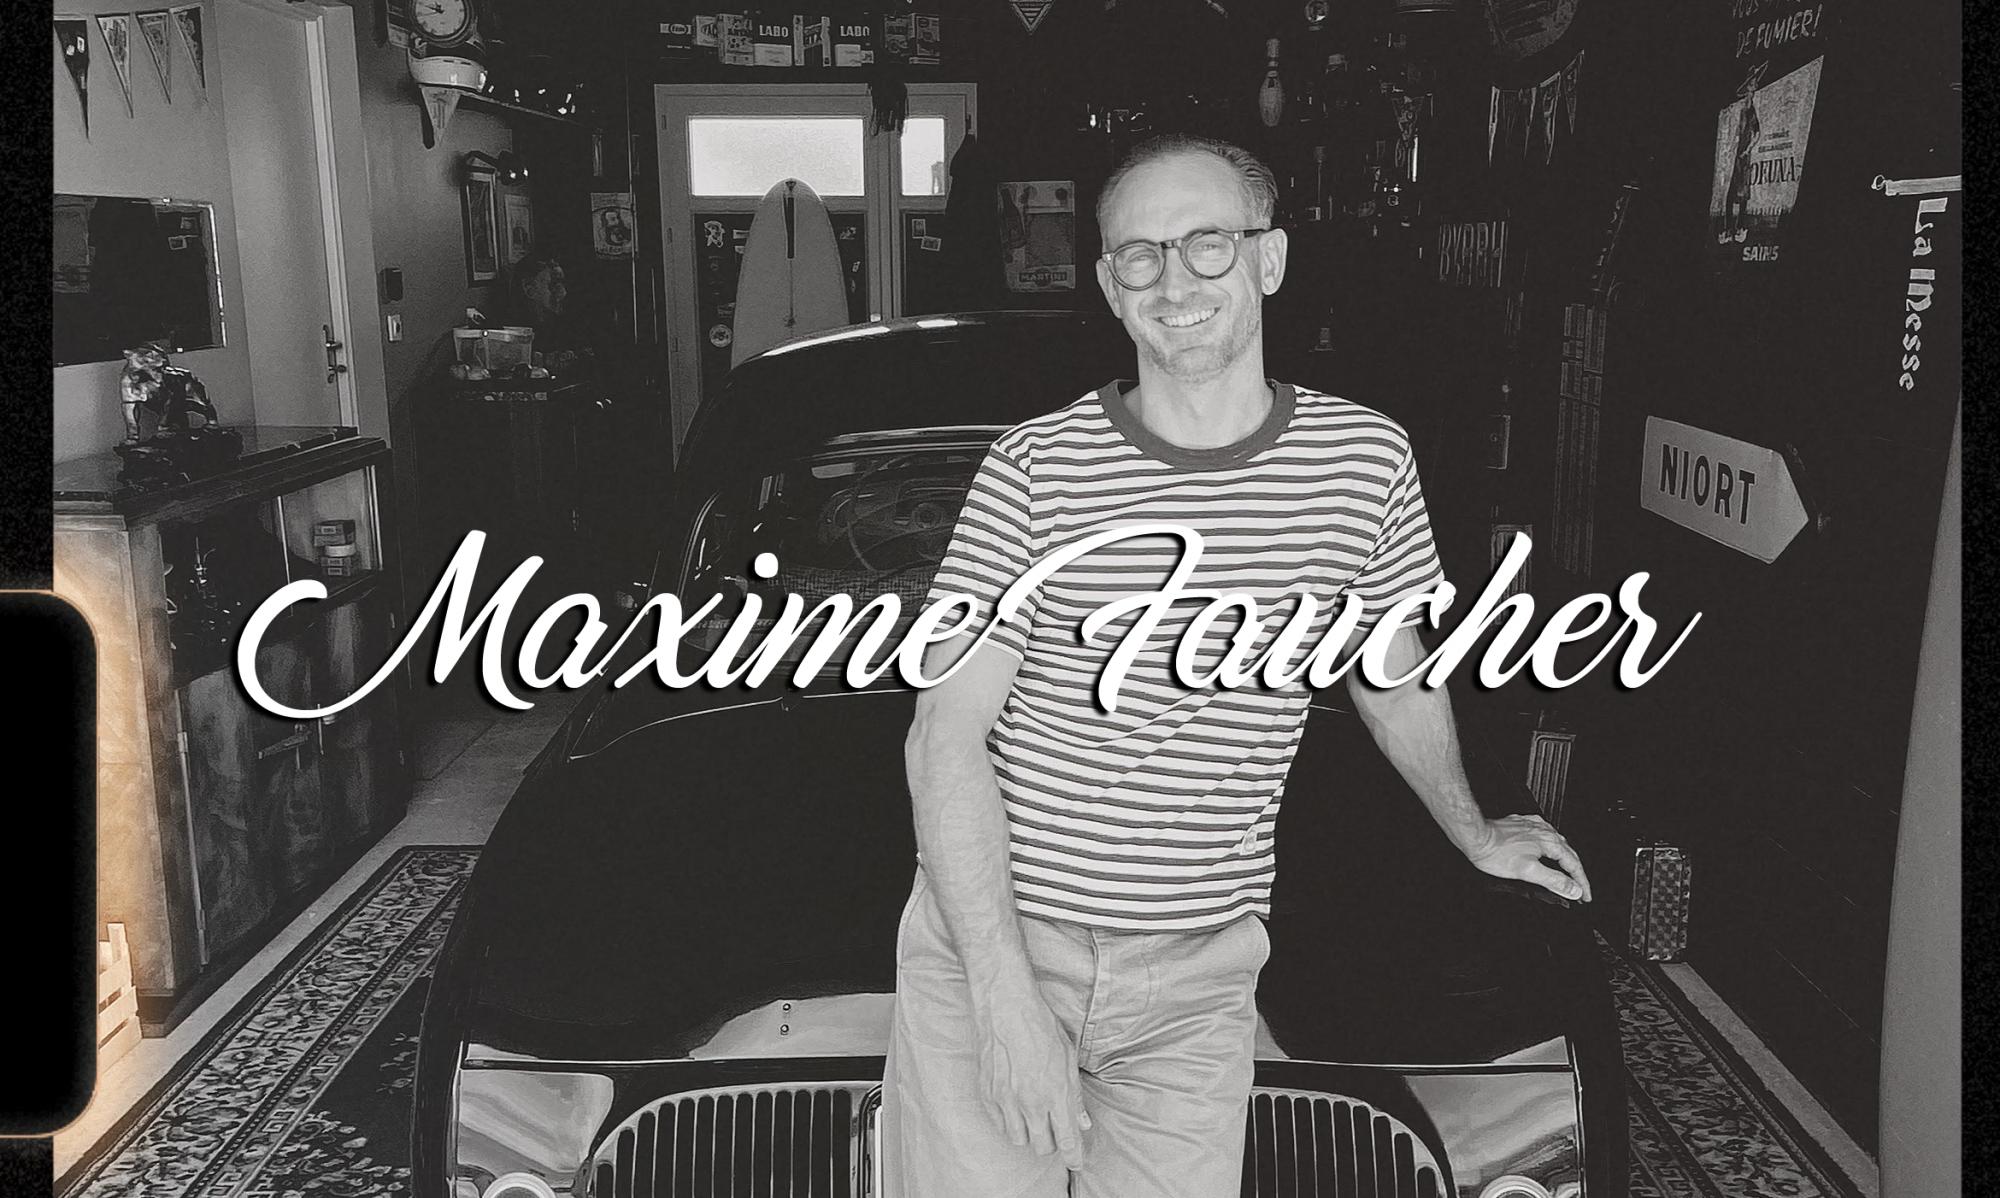 Maxime Faucher